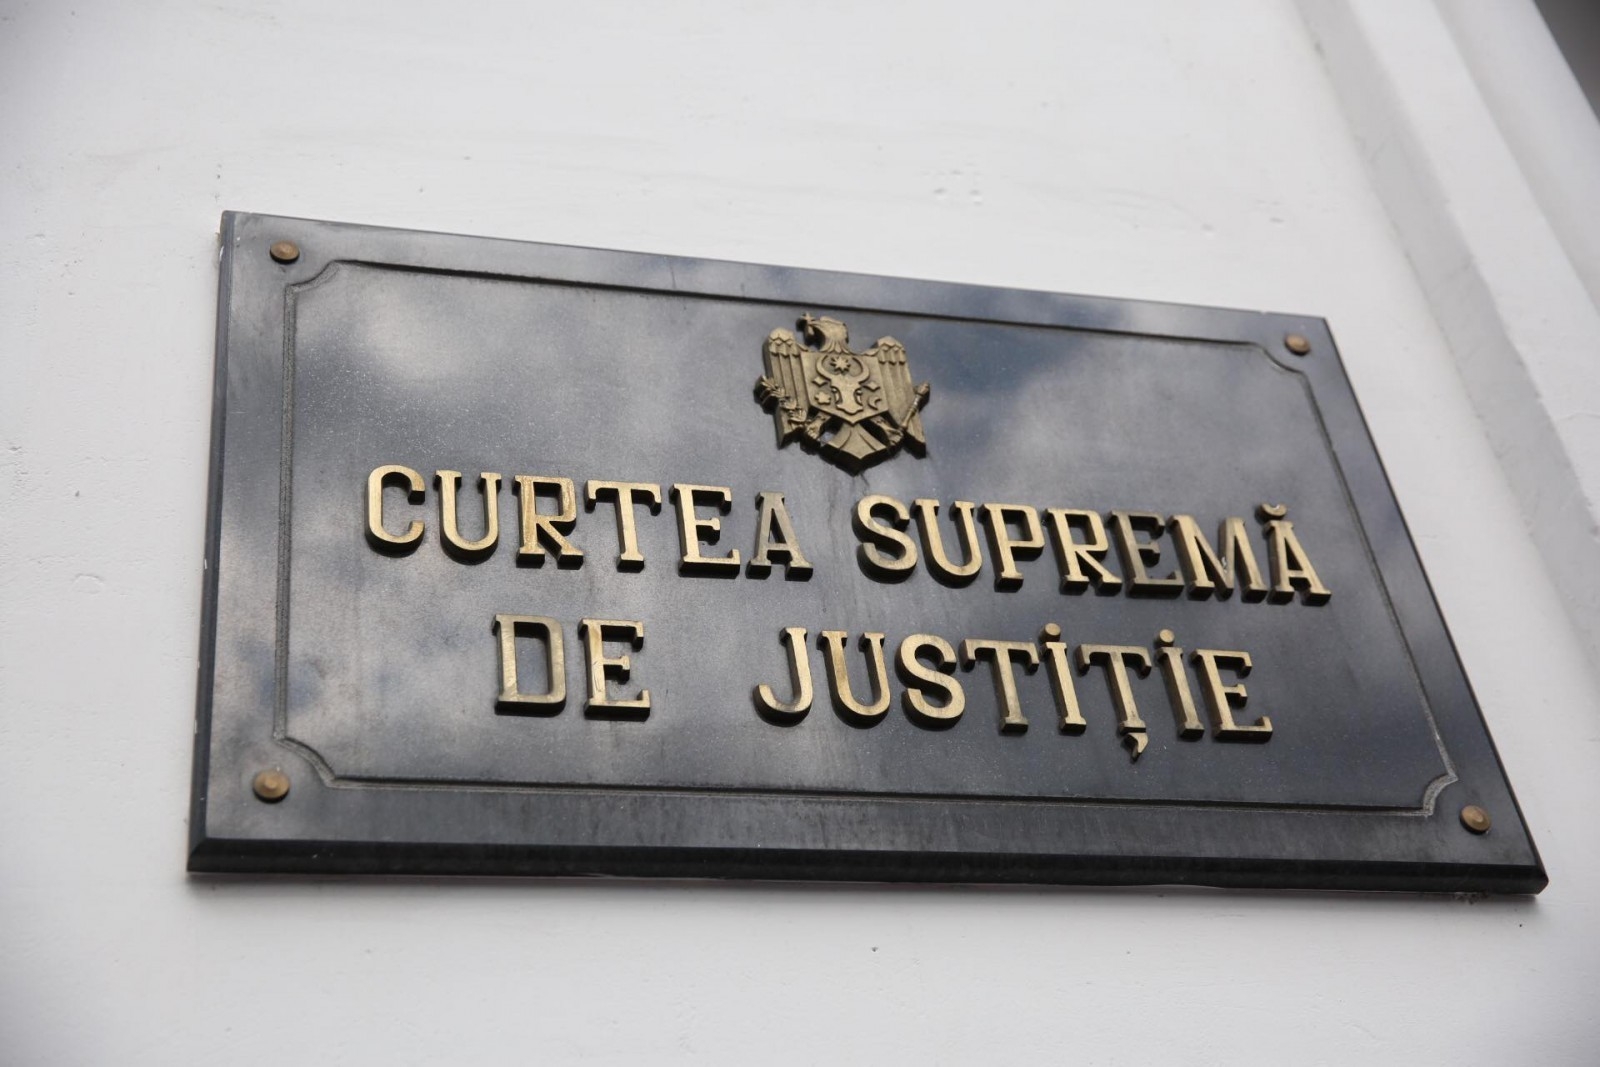 Doi magistrați, care vor să fie promovați la CSJ, au primit 73 și, respectiv, 81 de puncte la evaluare